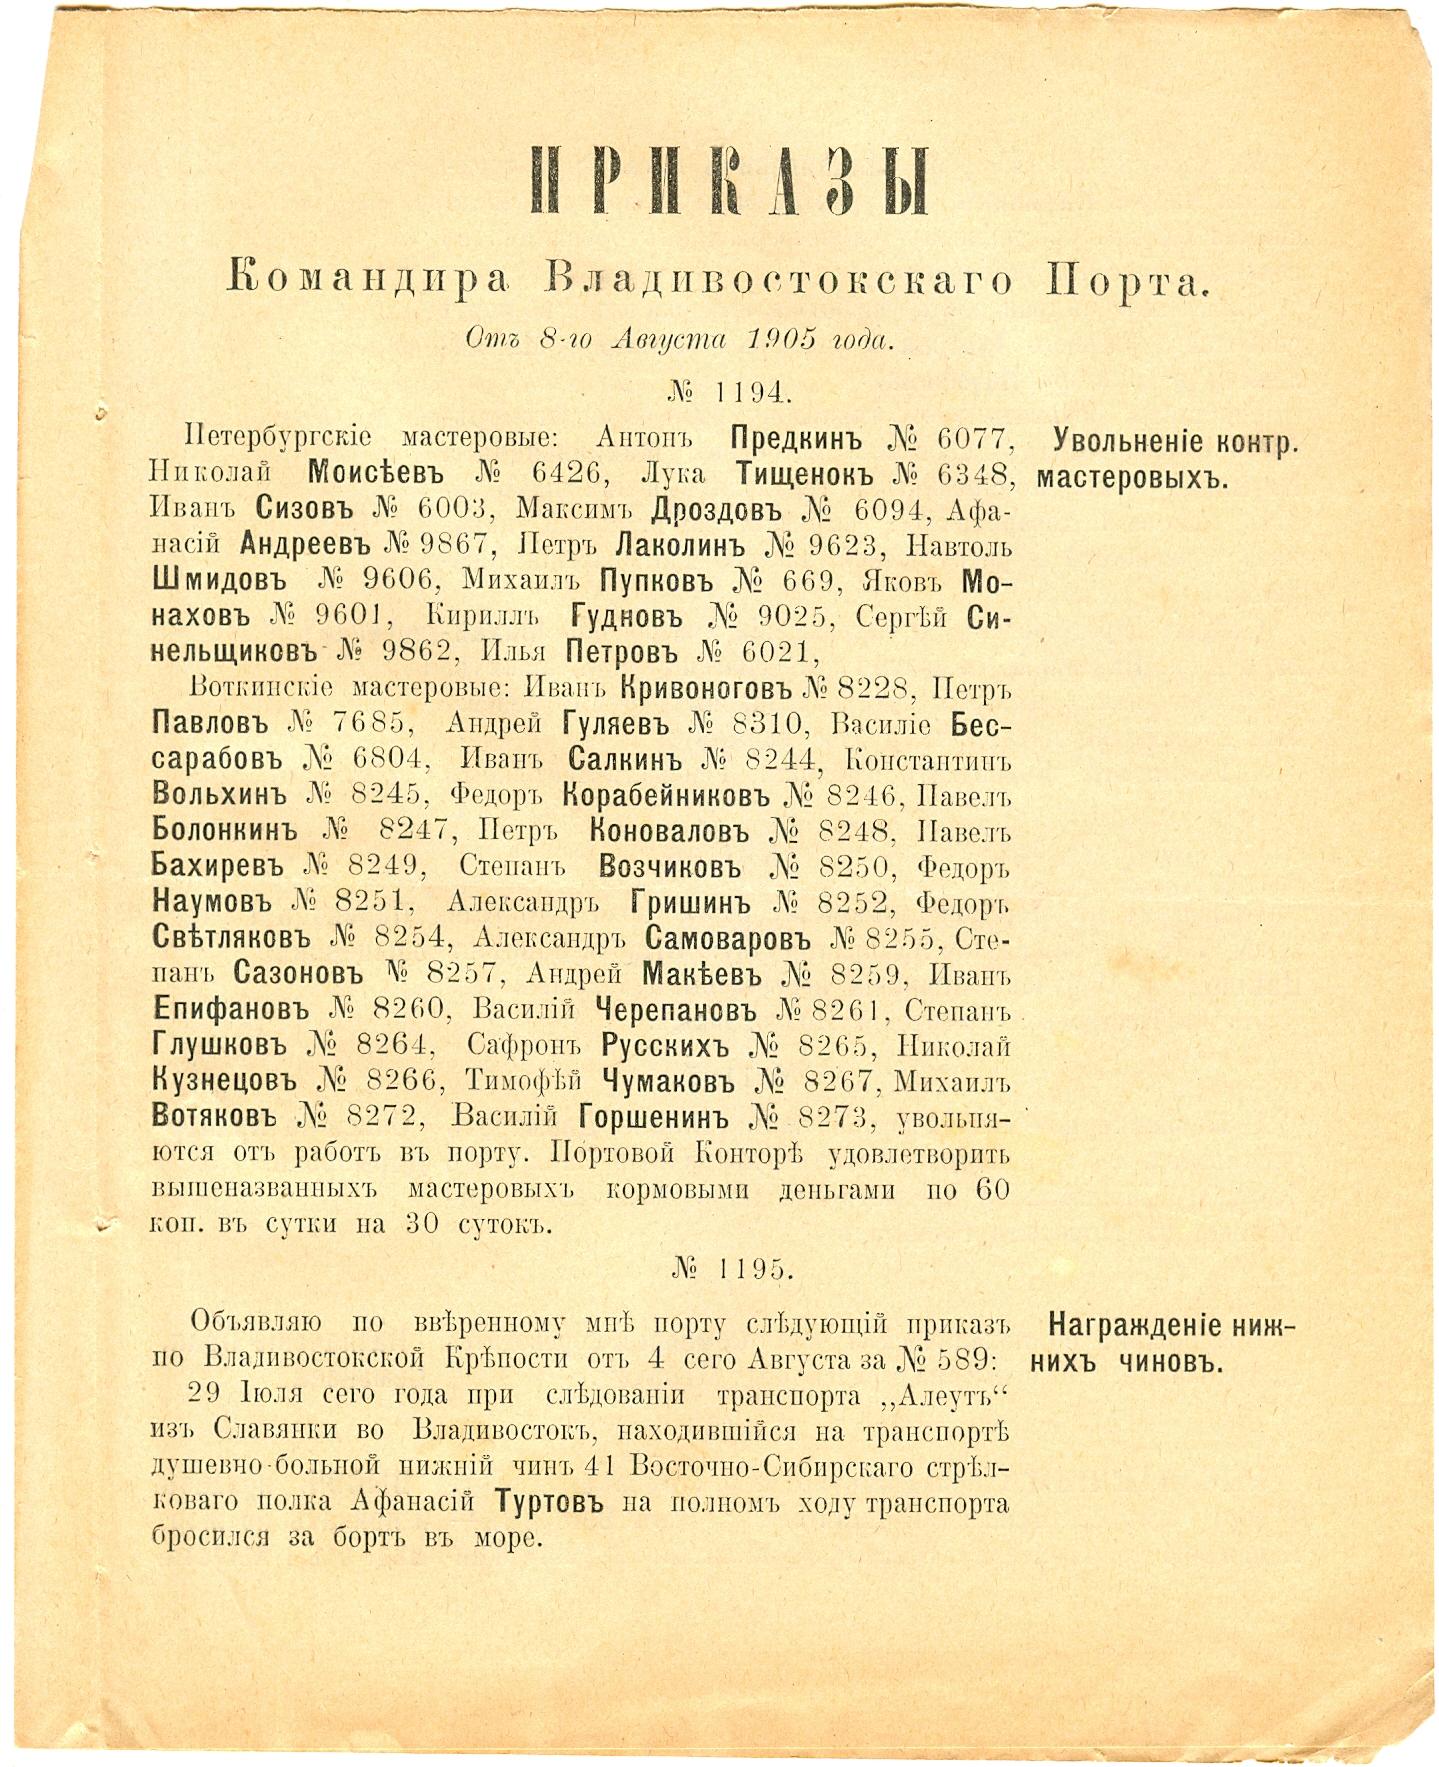 Приказы Командира Владивостокского <br>Порта №№ 1194, 1195